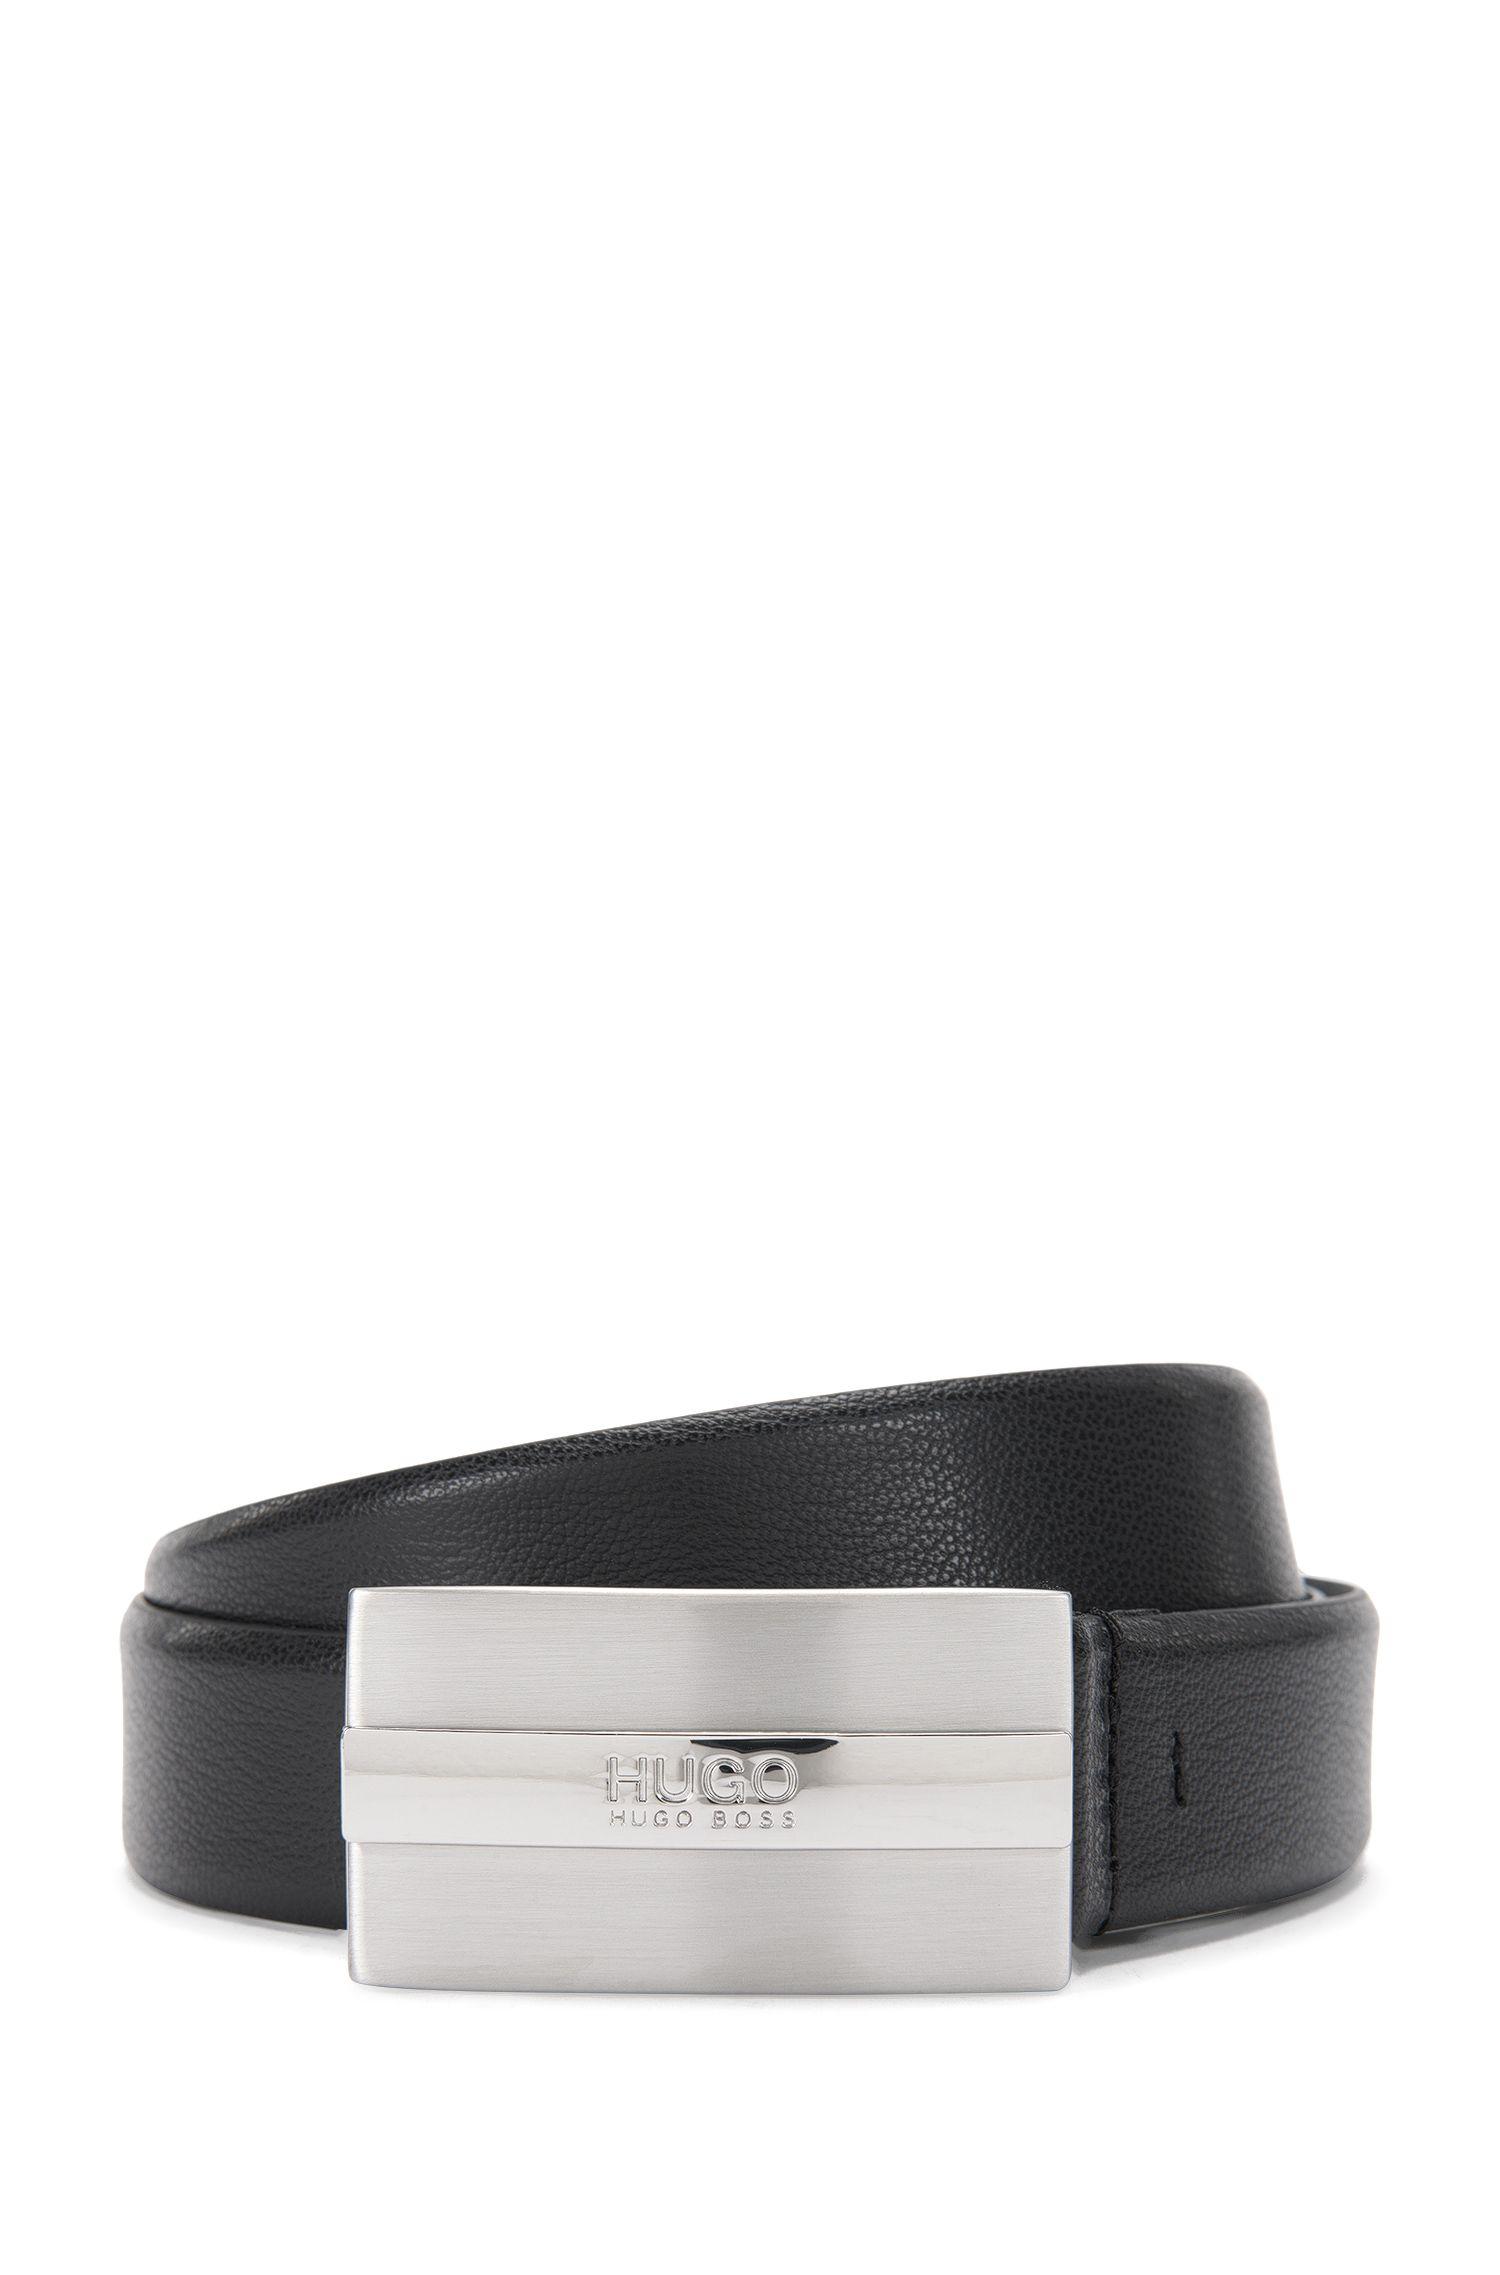 Cinturón de piel con hebilla con placa de plata cepillada de HUGO Hombre, Negro